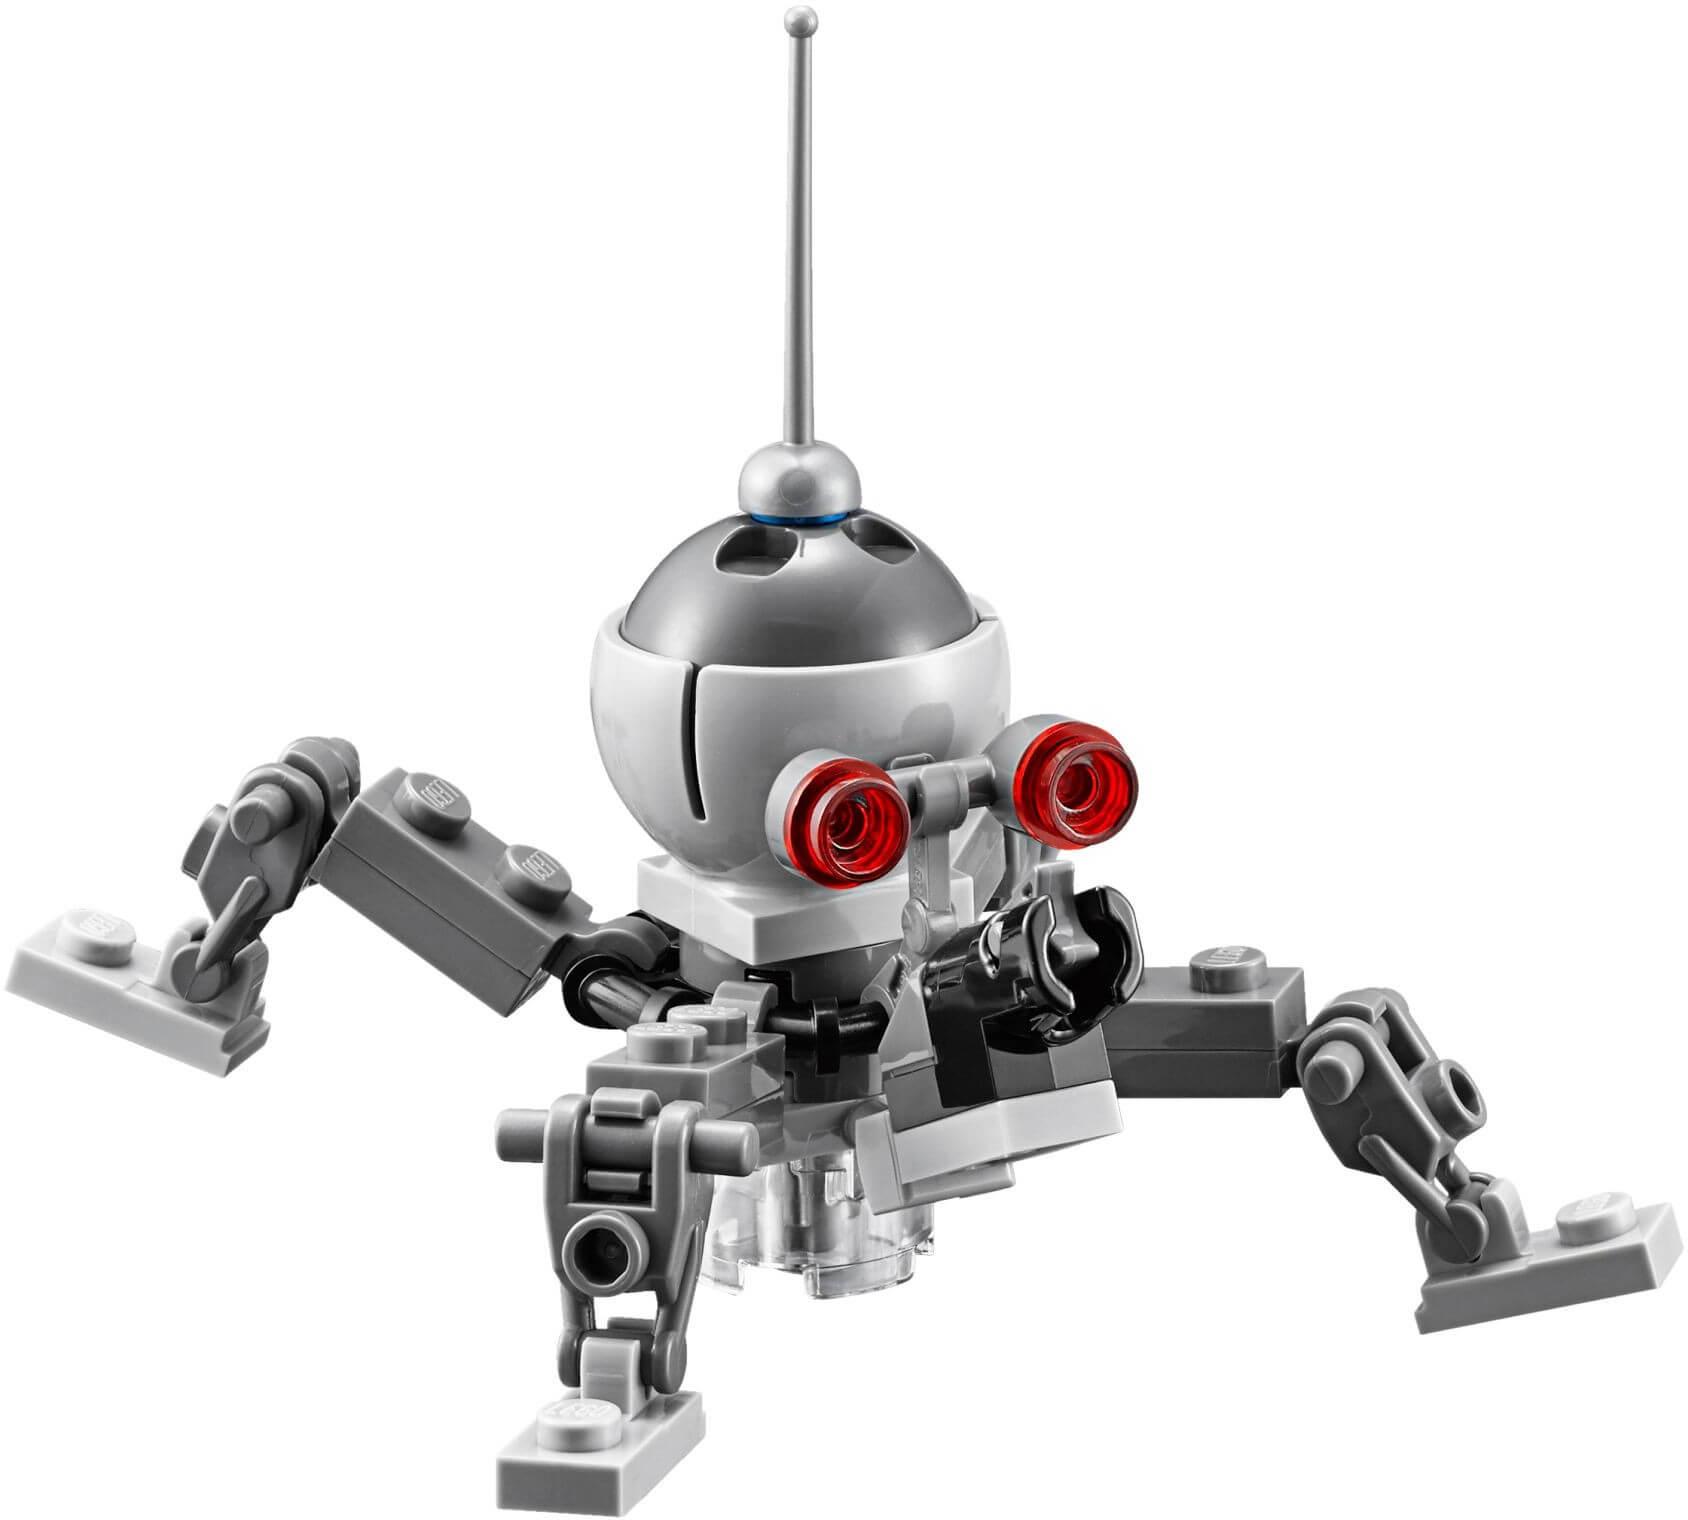 Mua đồ chơi LEGO 75142 - LEGO Star Wars 75142 - Nhện Máy Tác Chiến Khổng Lồ (LEGO Star Wars Homing Spider Droid 75142)